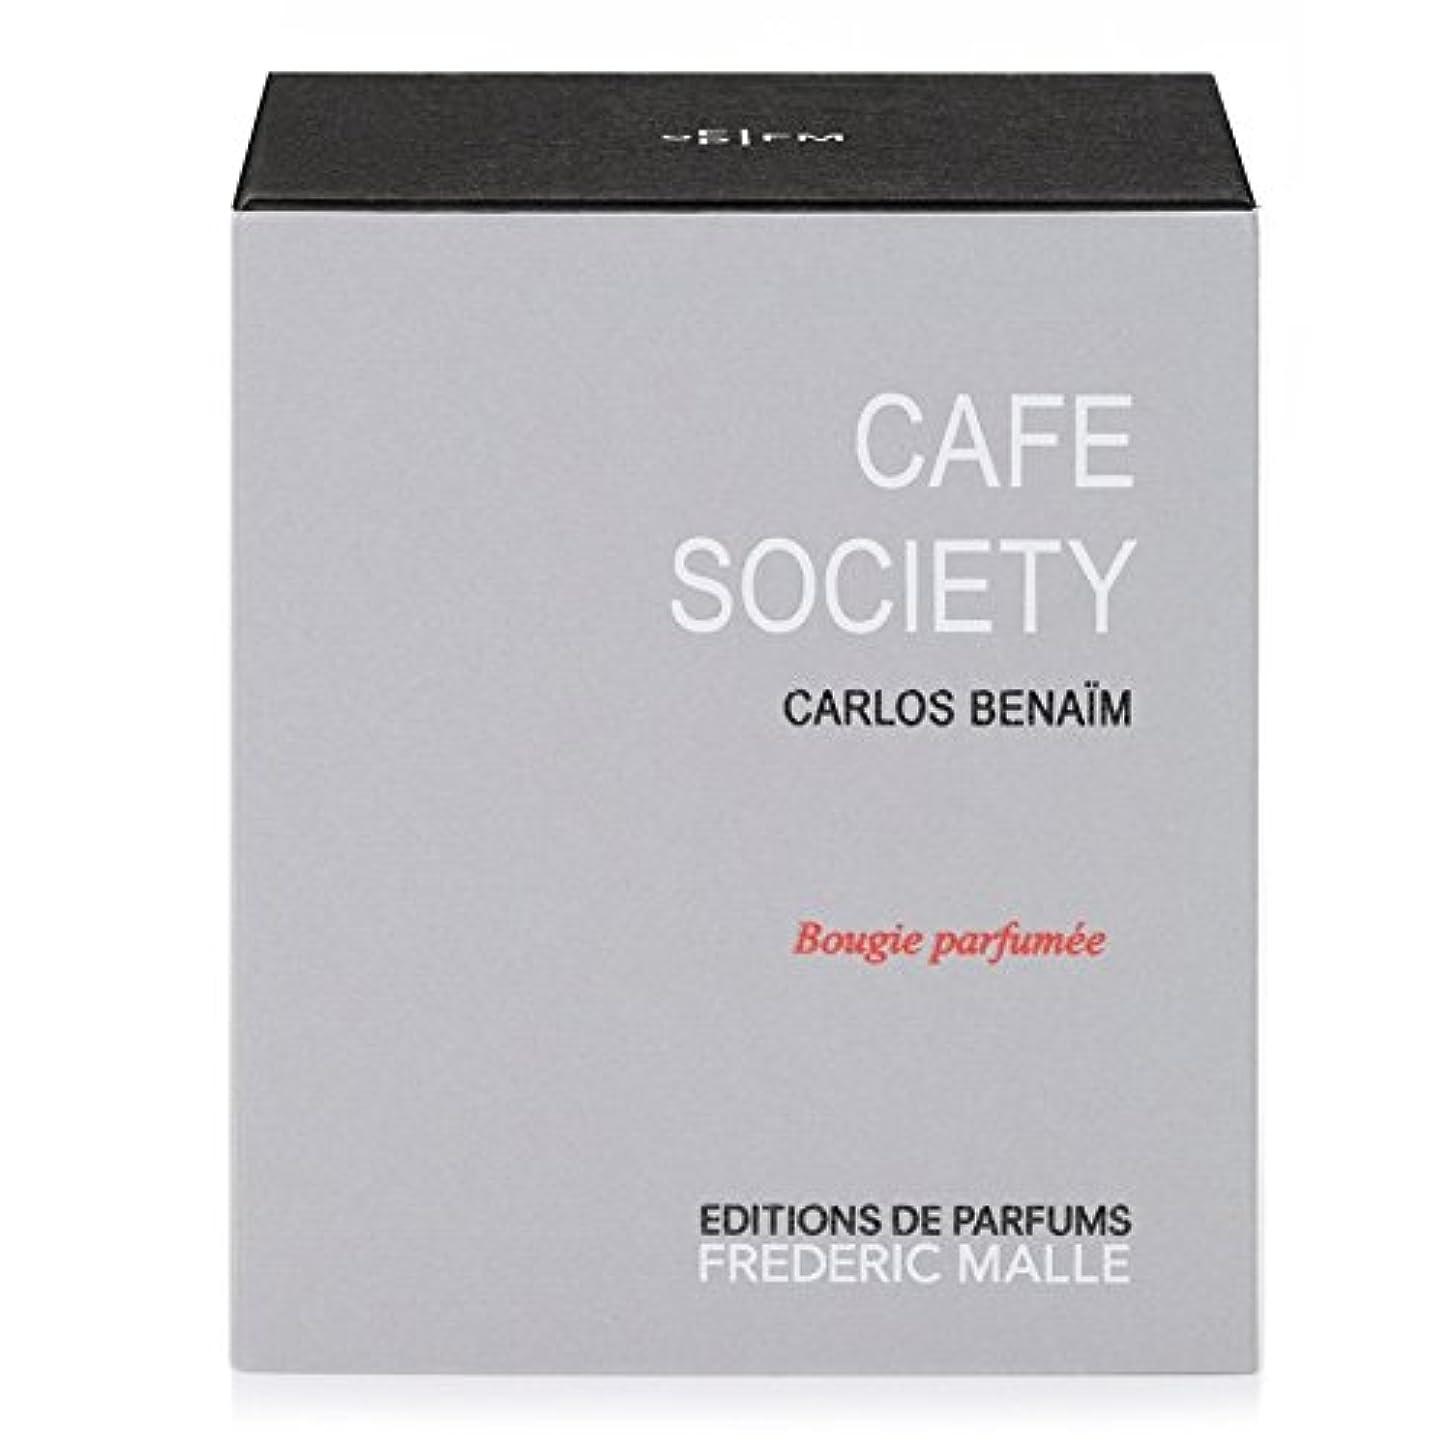 色分類するモールス信号Frederic Malle Cafe Society Scented Candle 220g (Pack of 2) - フレデリック?マルカフェ社会の香りのキャンドル220グラム x2 [並行輸入品]